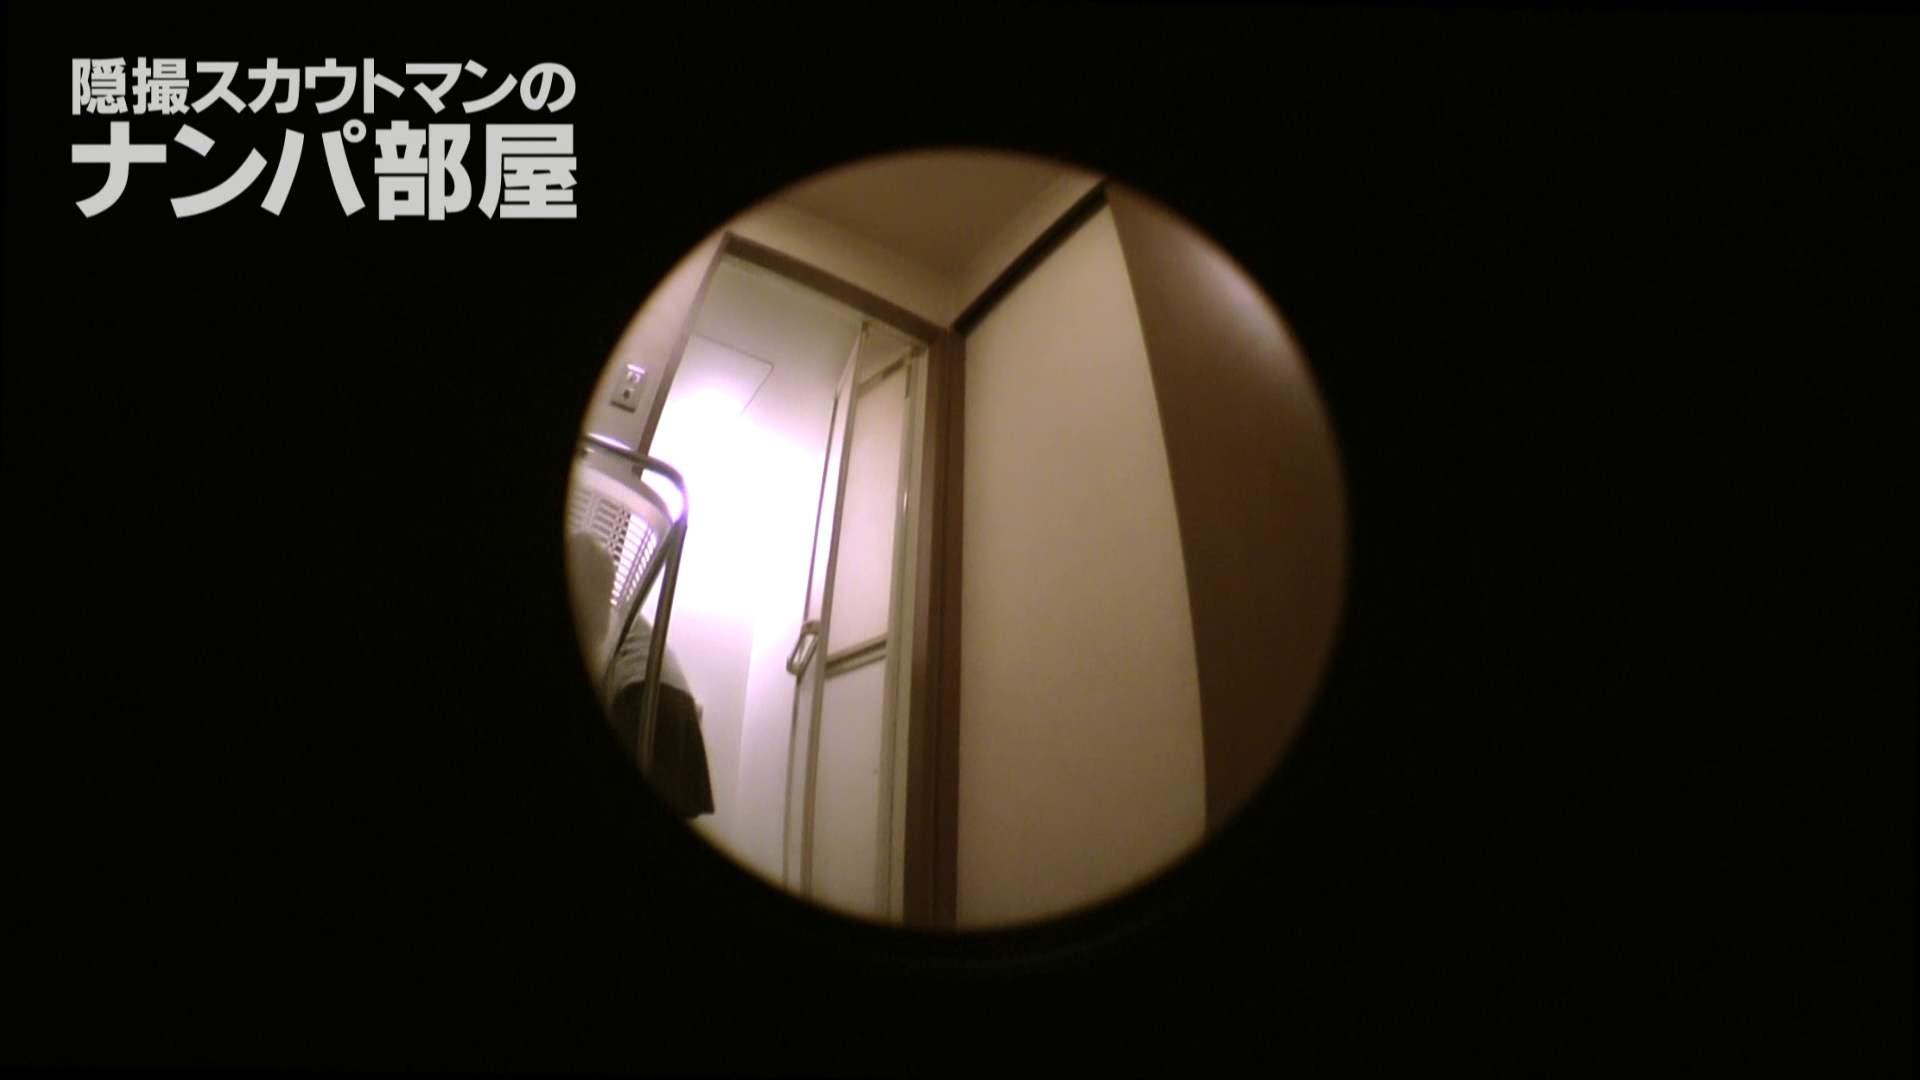 隠撮スカウトマンのナンパ部屋~風俗デビュー前のつまみ食い~ siivol.3 ナンパ  90連発 22